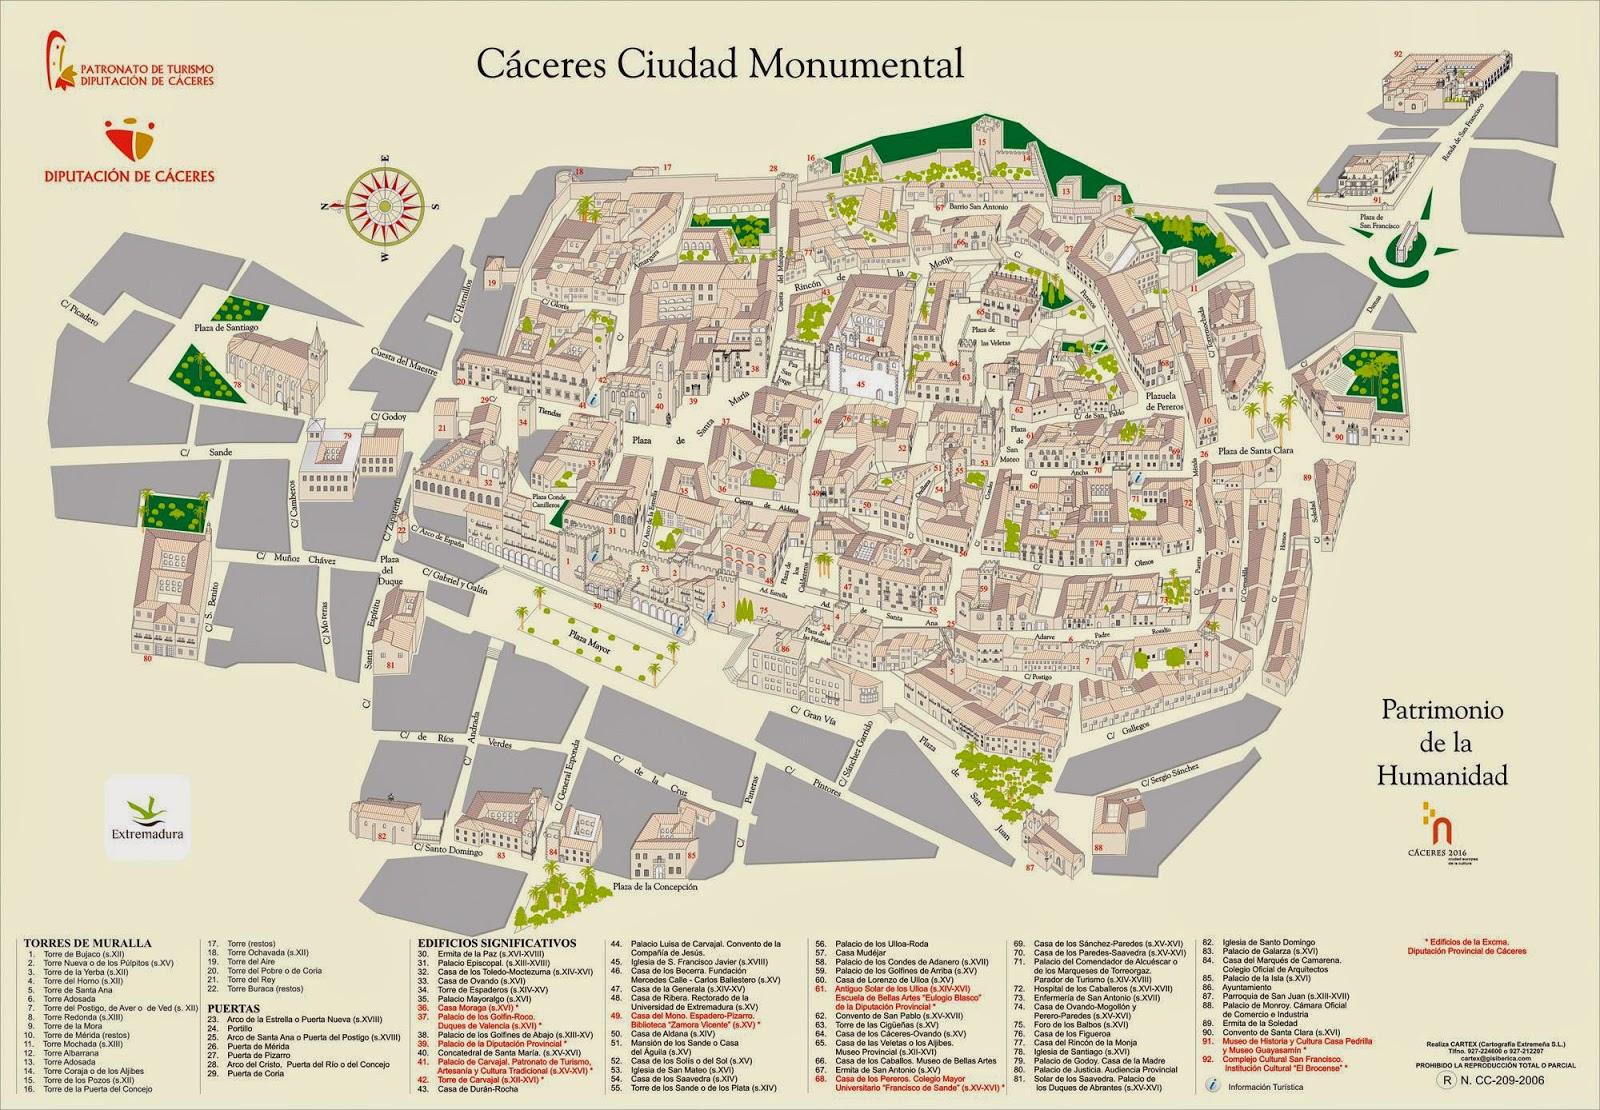 Mapa turístico de Cáceres.